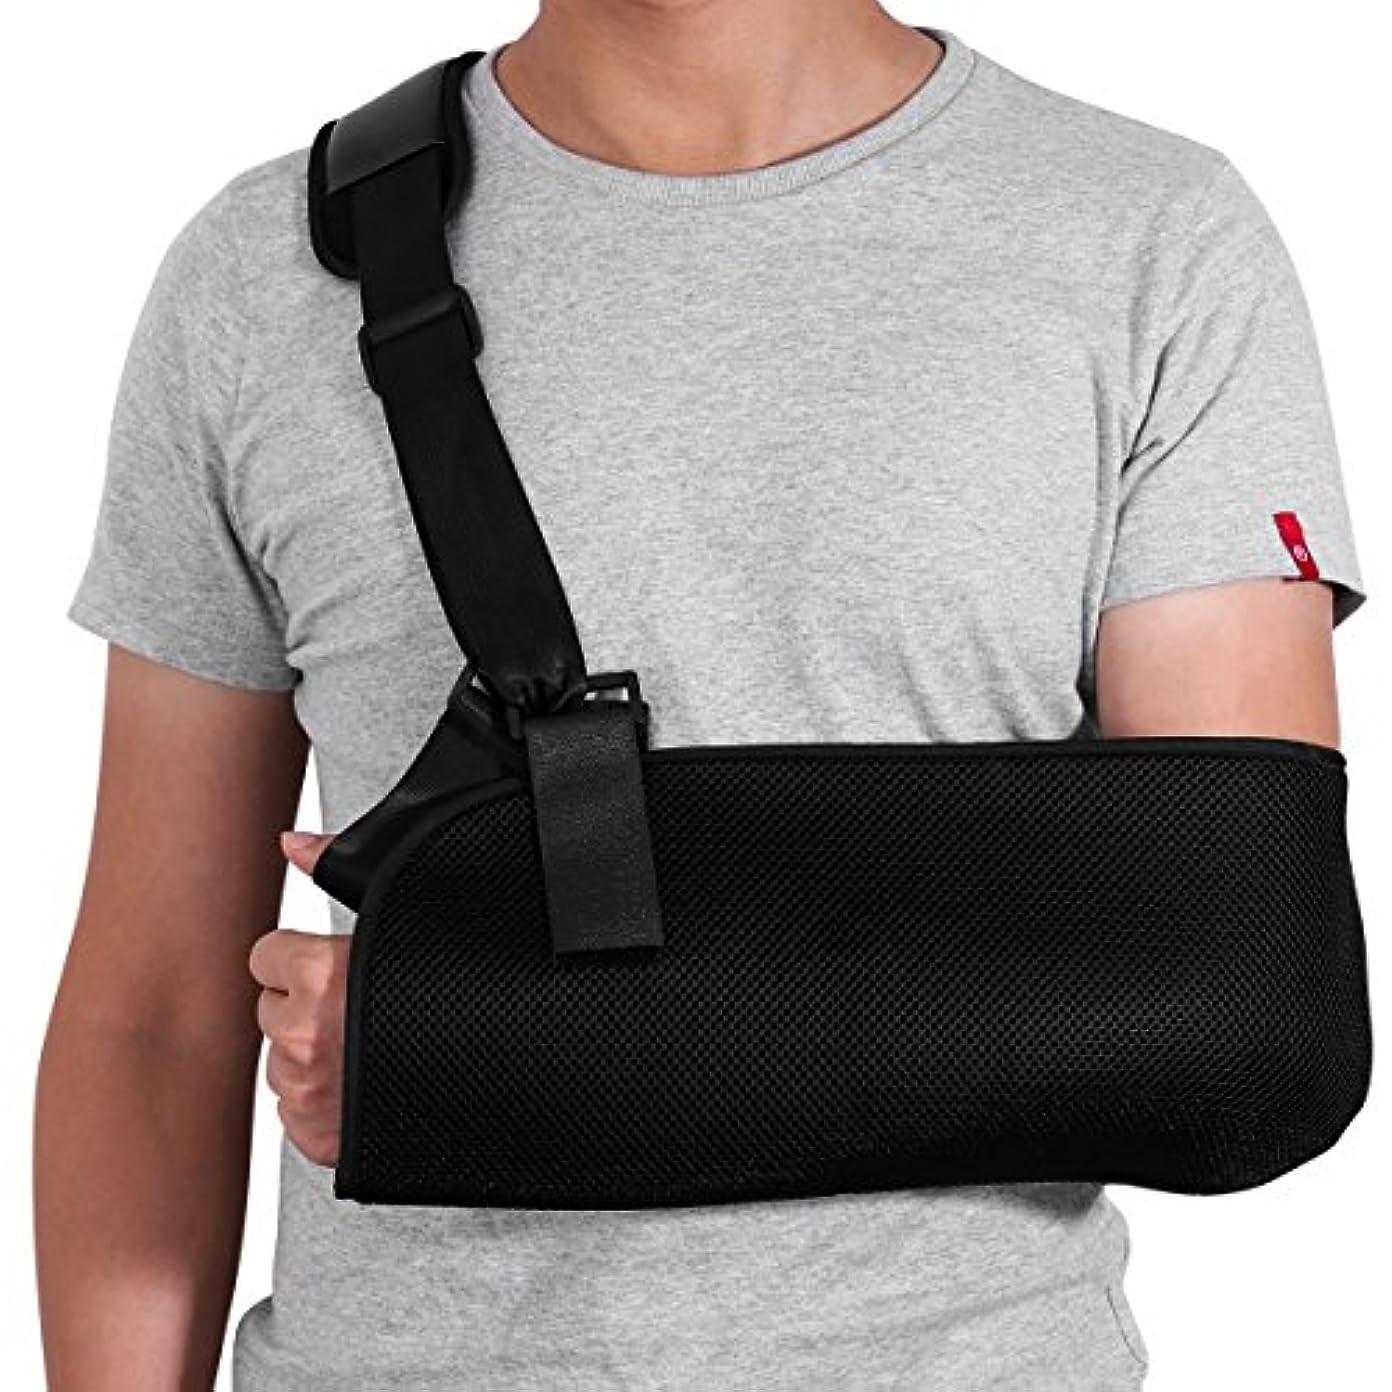 ユーザー農学男らしさROSENICE アームスリング - 壊れた骨折したアームのためのショルダーイモビライザー - 調節可能なアーム、ショルダーローテーターカフサポートブレース - 涙、脱臼、捻挫およびひずみ